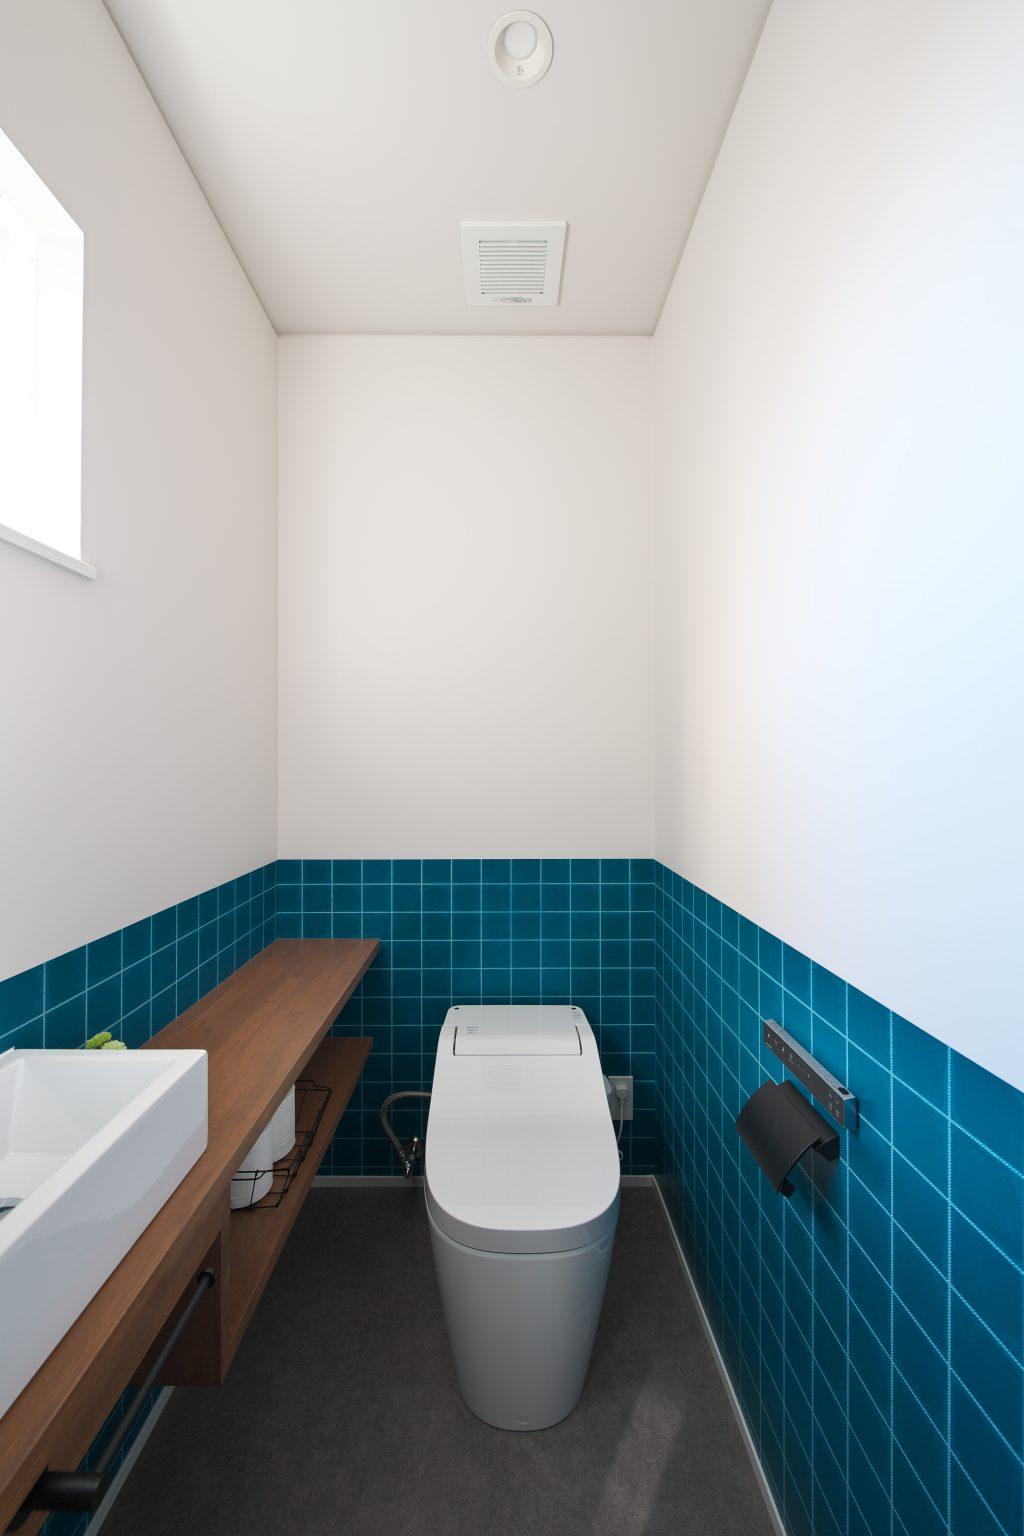 【トイレ】9-1024x1536